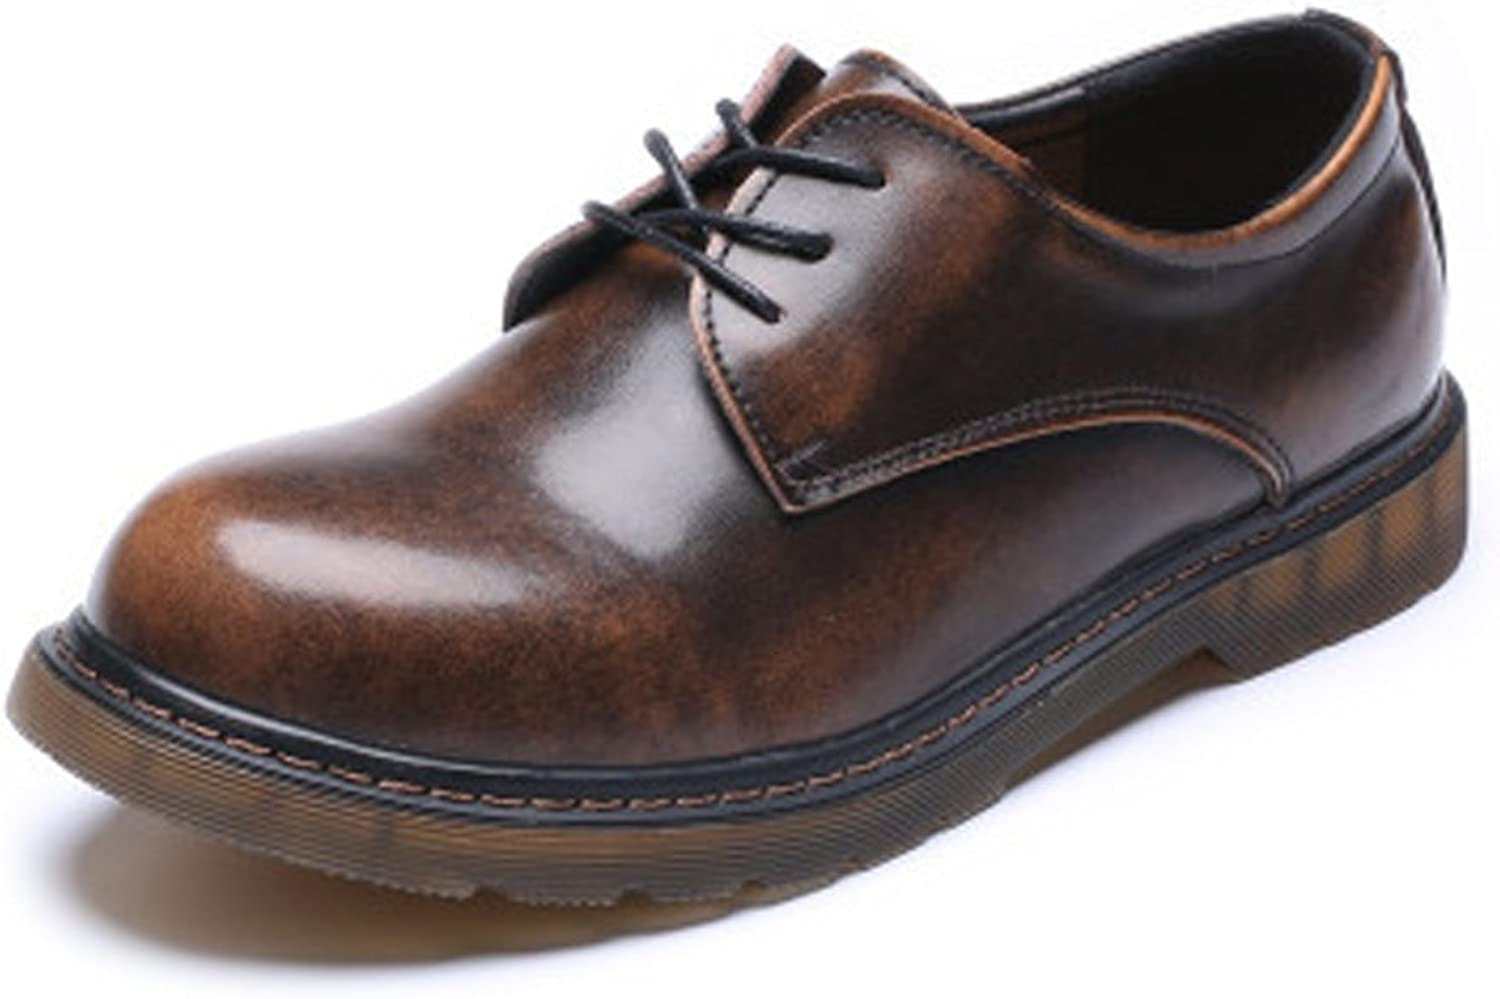 LITAO-XIE, Herrenschuhe Smooth Echtes Leder Outsole Low Top Ankle Stiefel für Herren (Farbe   Braun, Größe   42 EU)